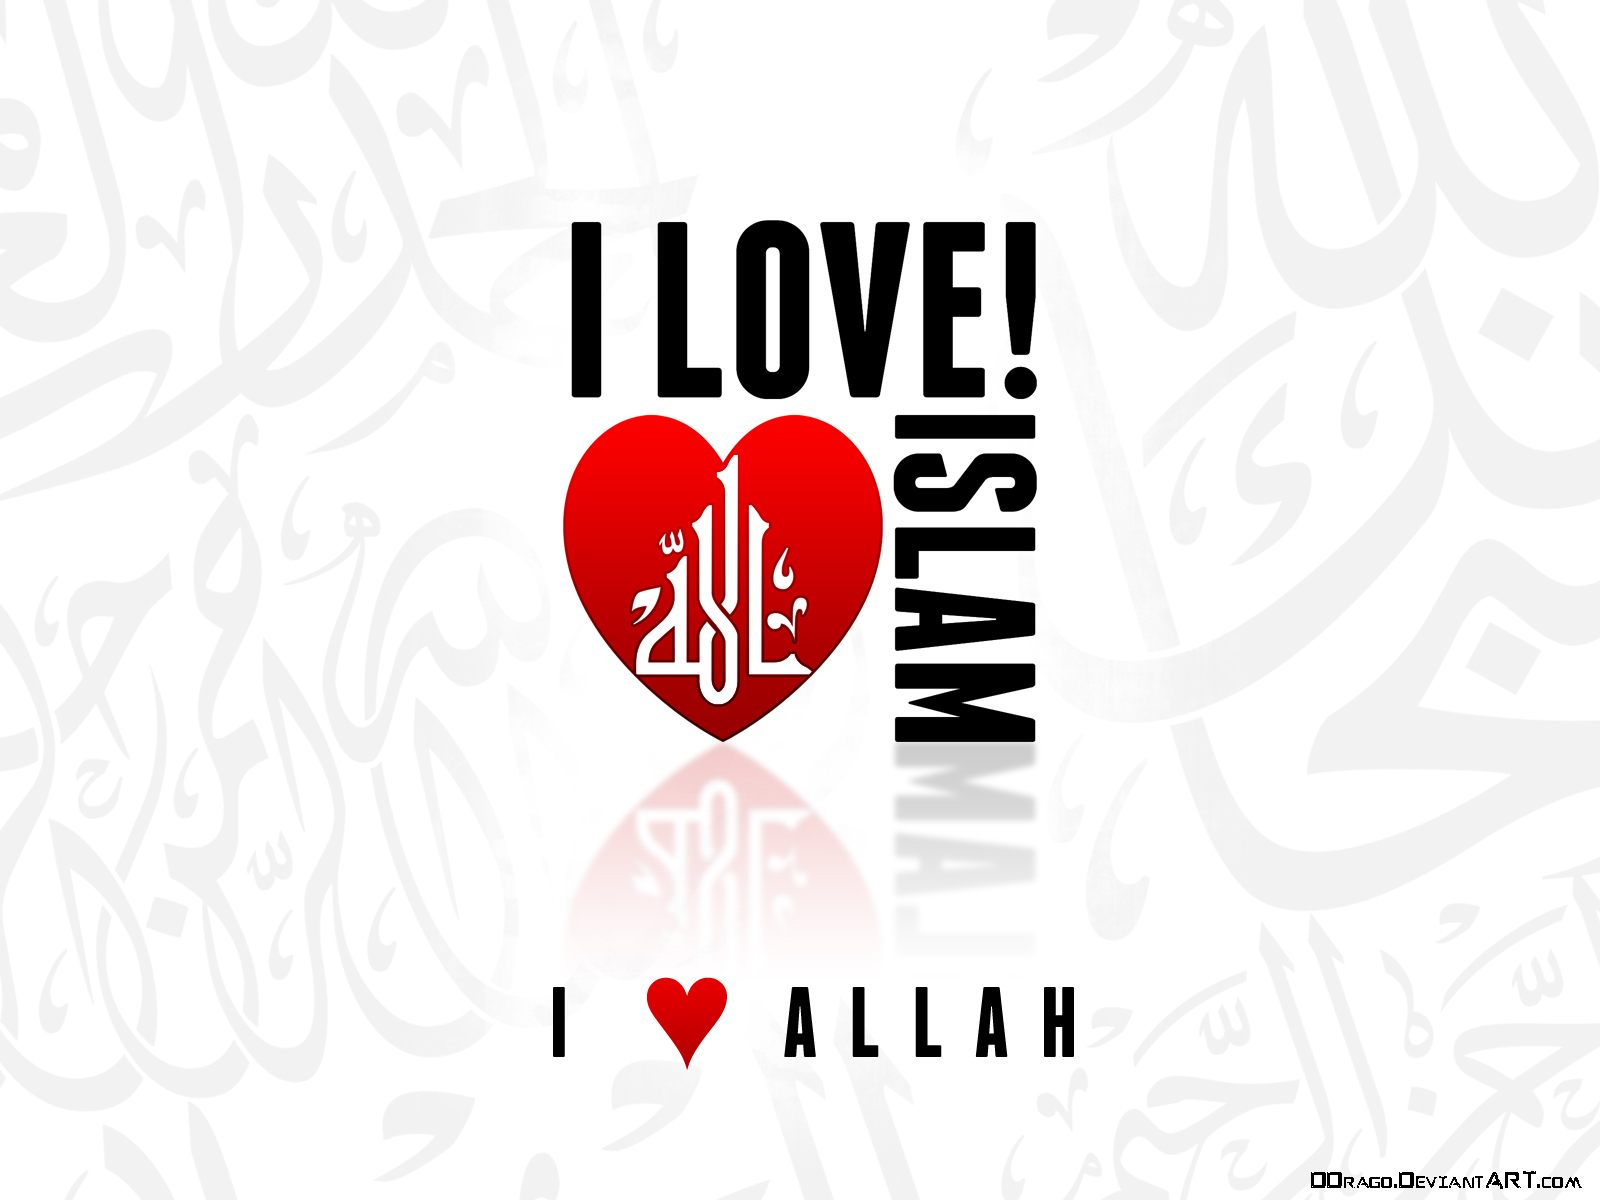 http://4.bp.blogspot.com/-VG4qqrIGAeU/Tb6bwXtJD3I/AAAAAAAAAHw/qDXvcW1TKto/s1600/I_love_Islam_wallpaper_by_DDrAgO.jpg